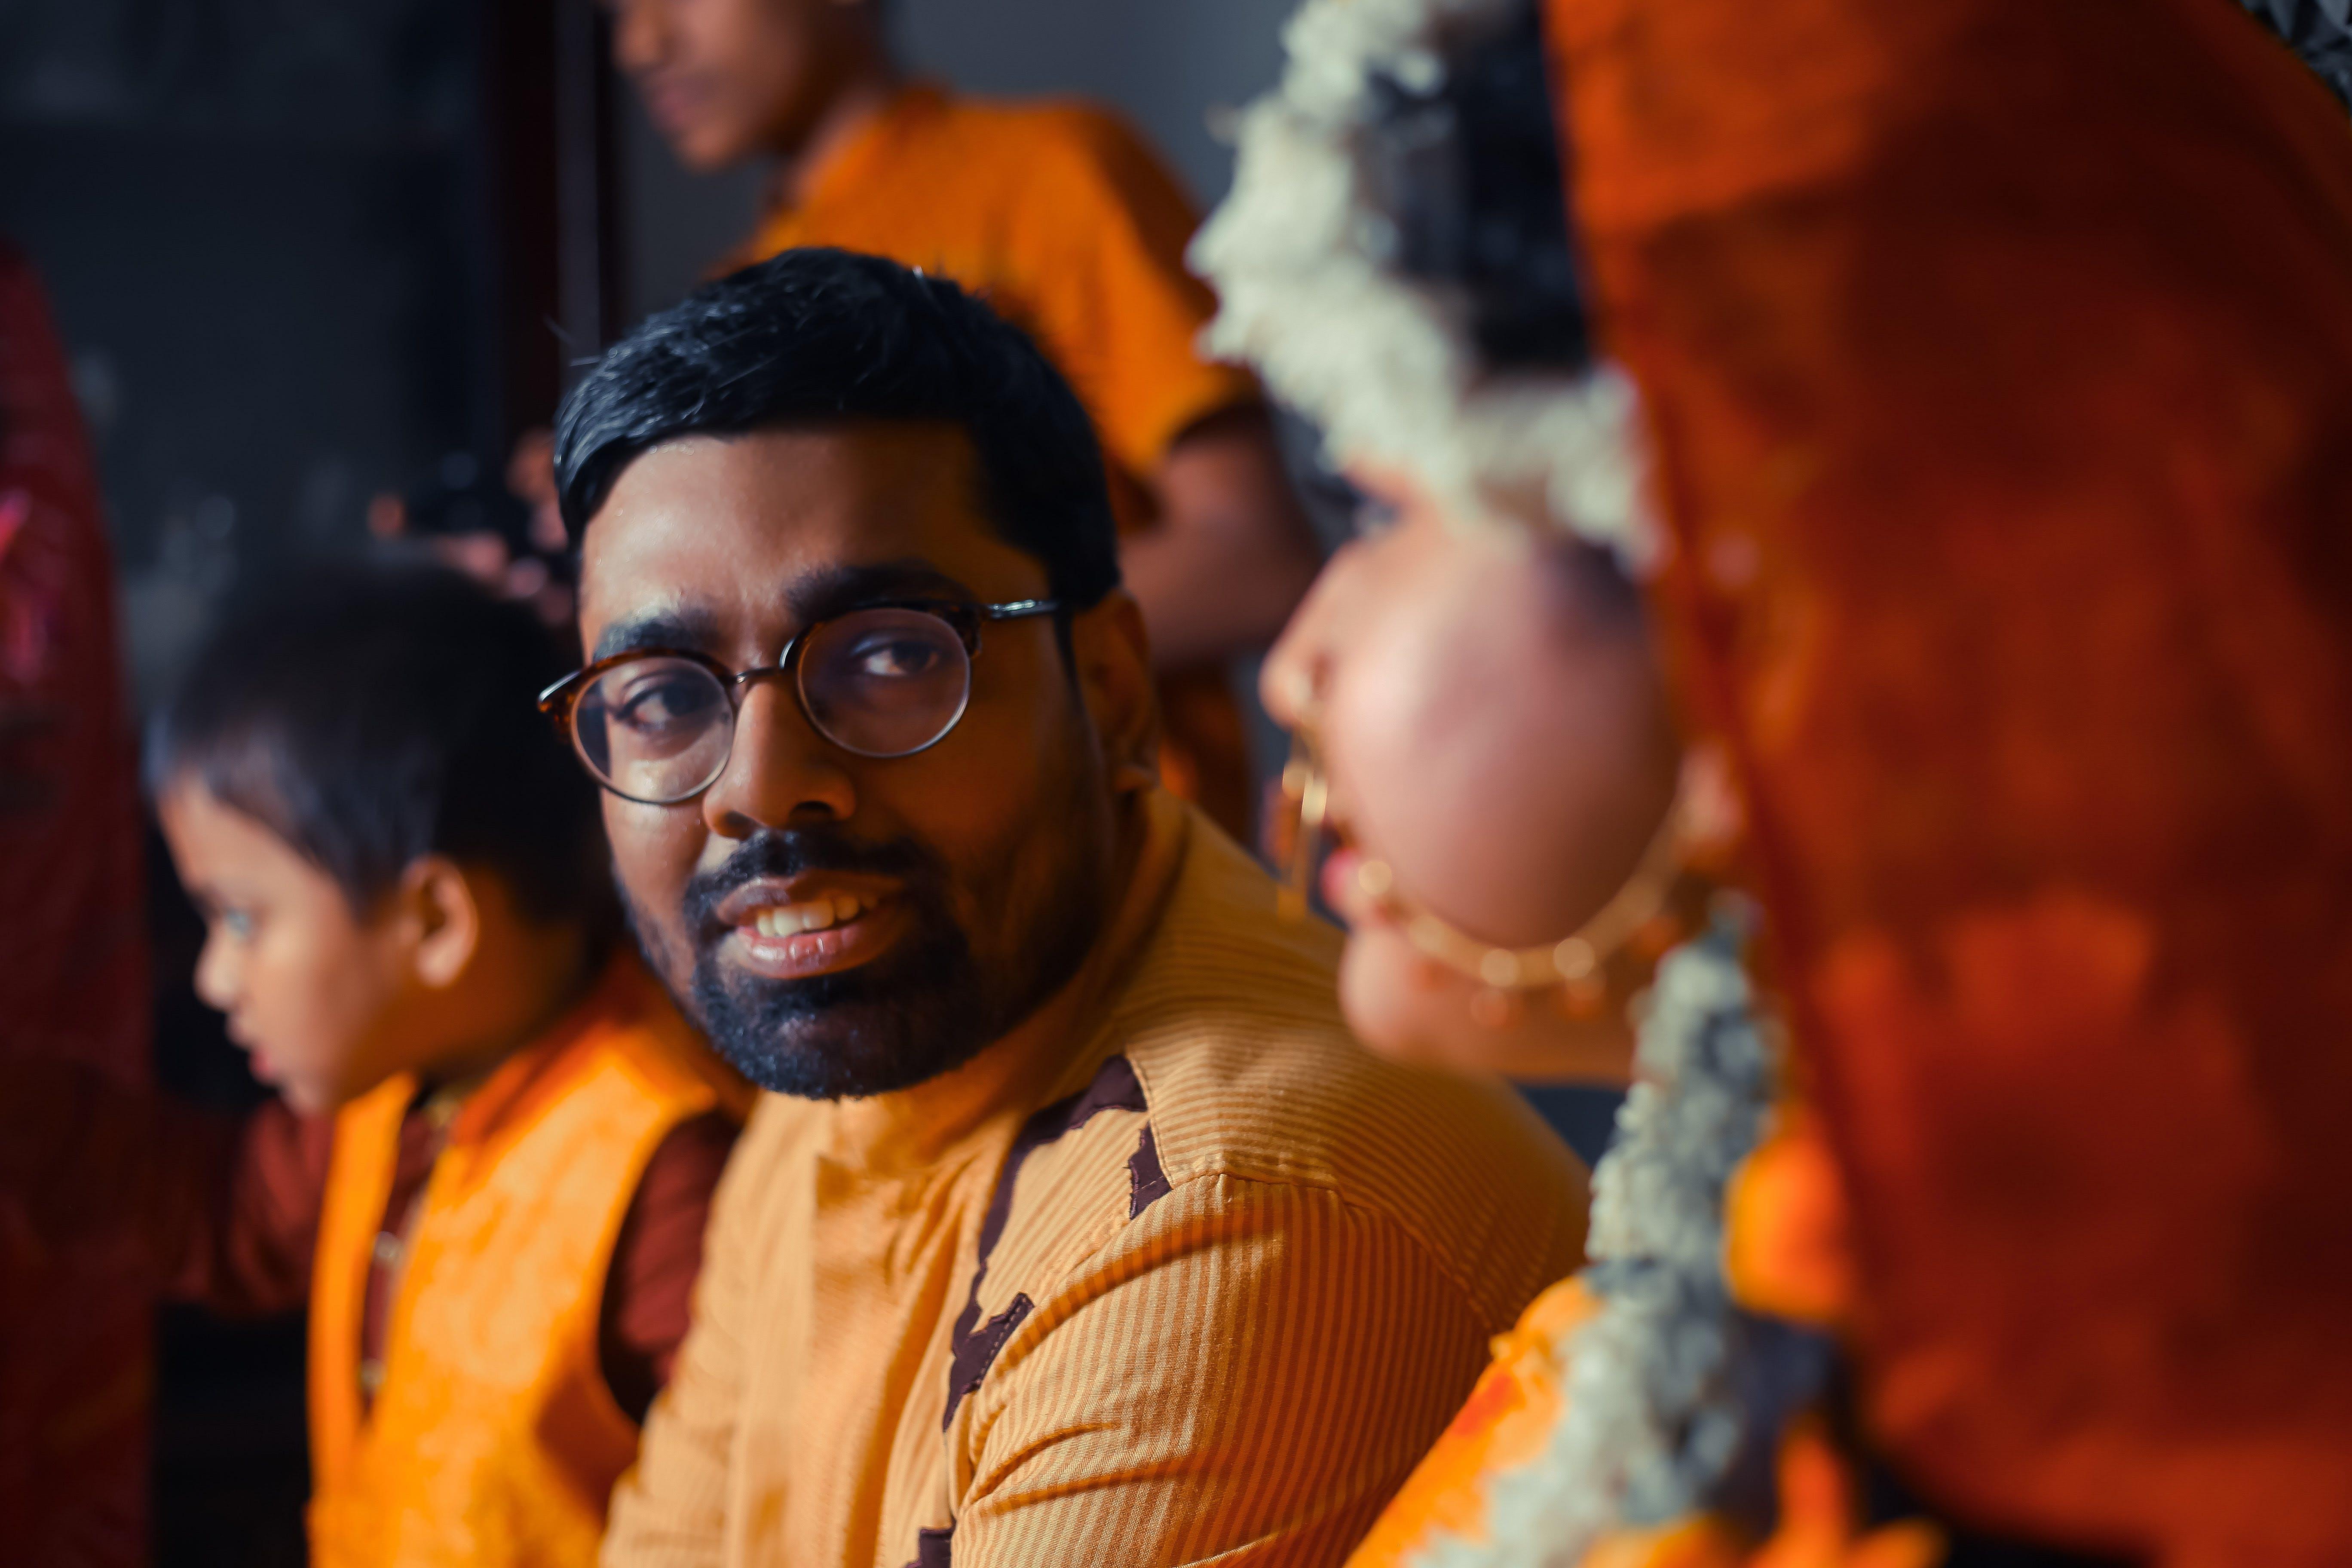 Základová fotografie zdarma na téma aférka, láska, muž nosí brýle, muž při pohledu na ženu